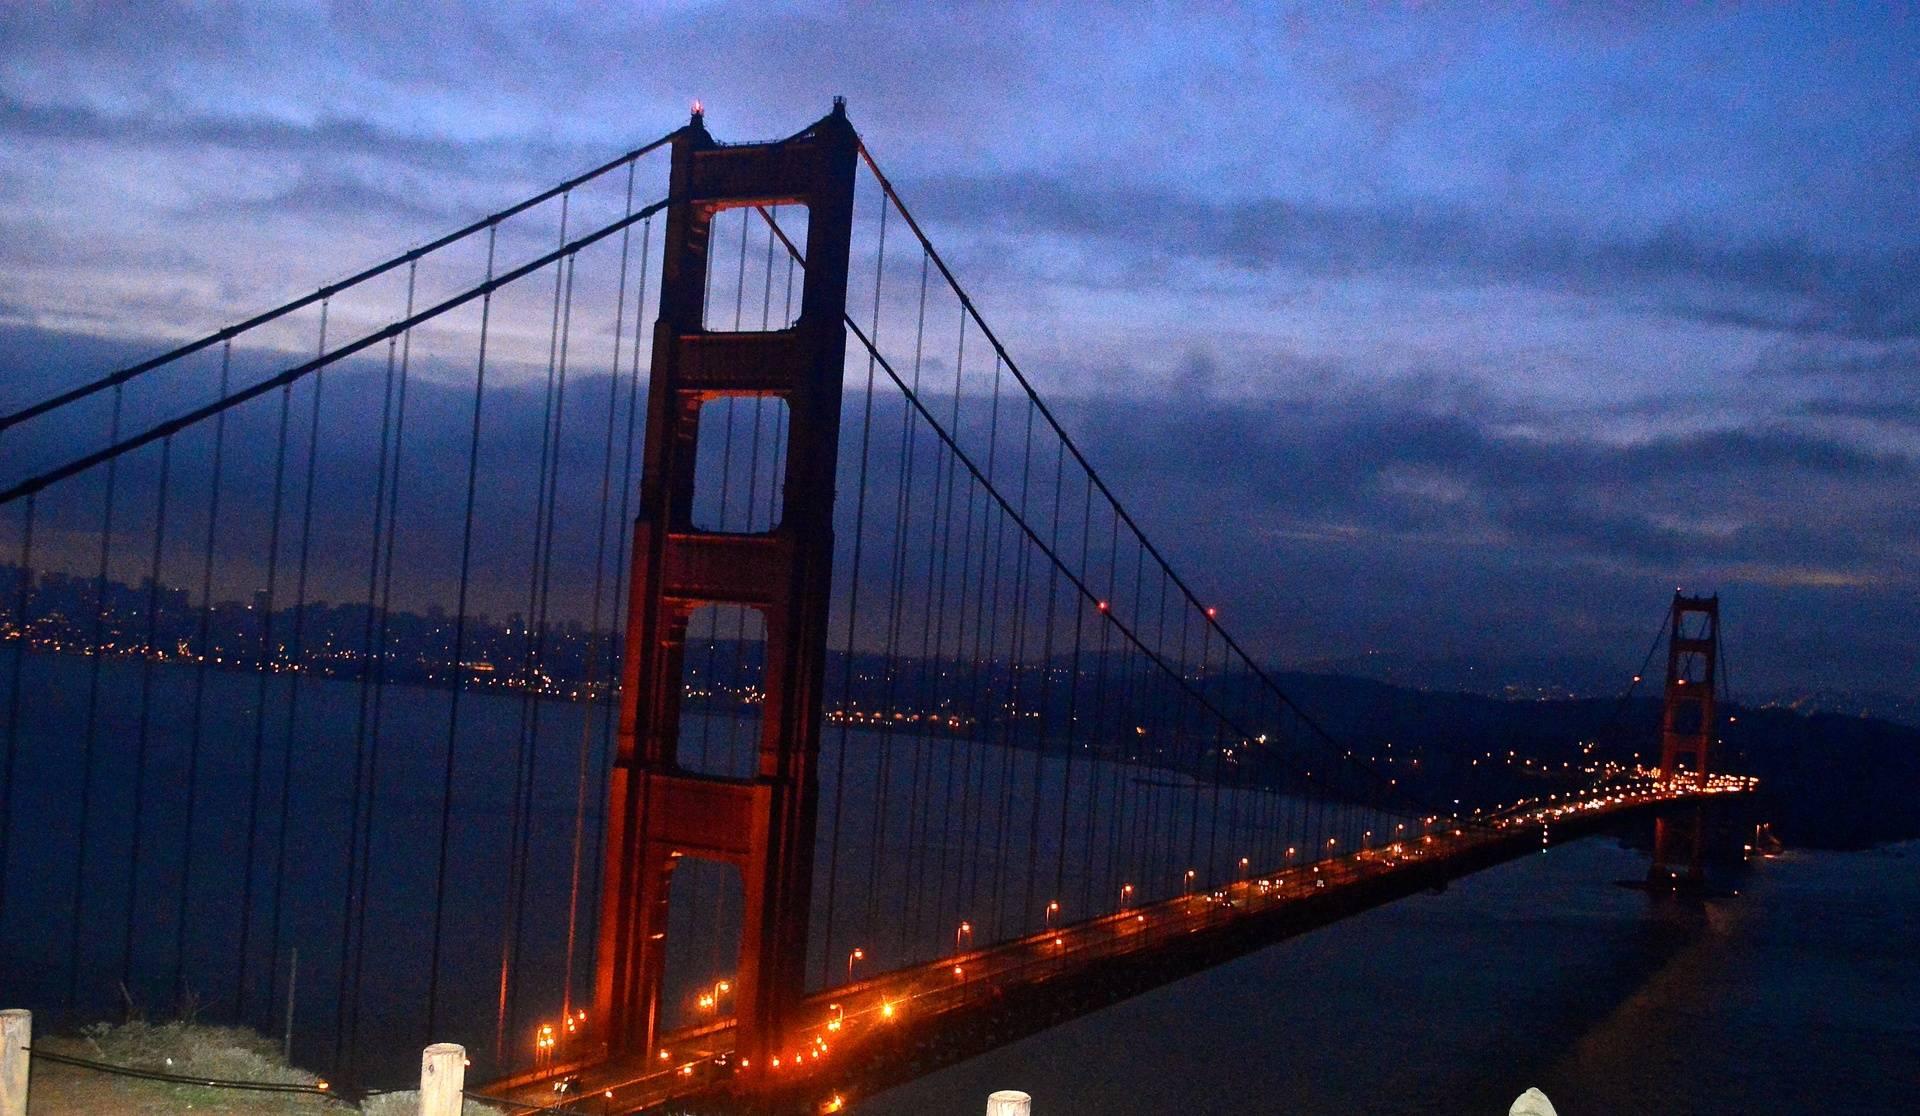 Sunrise on the Golden Gate